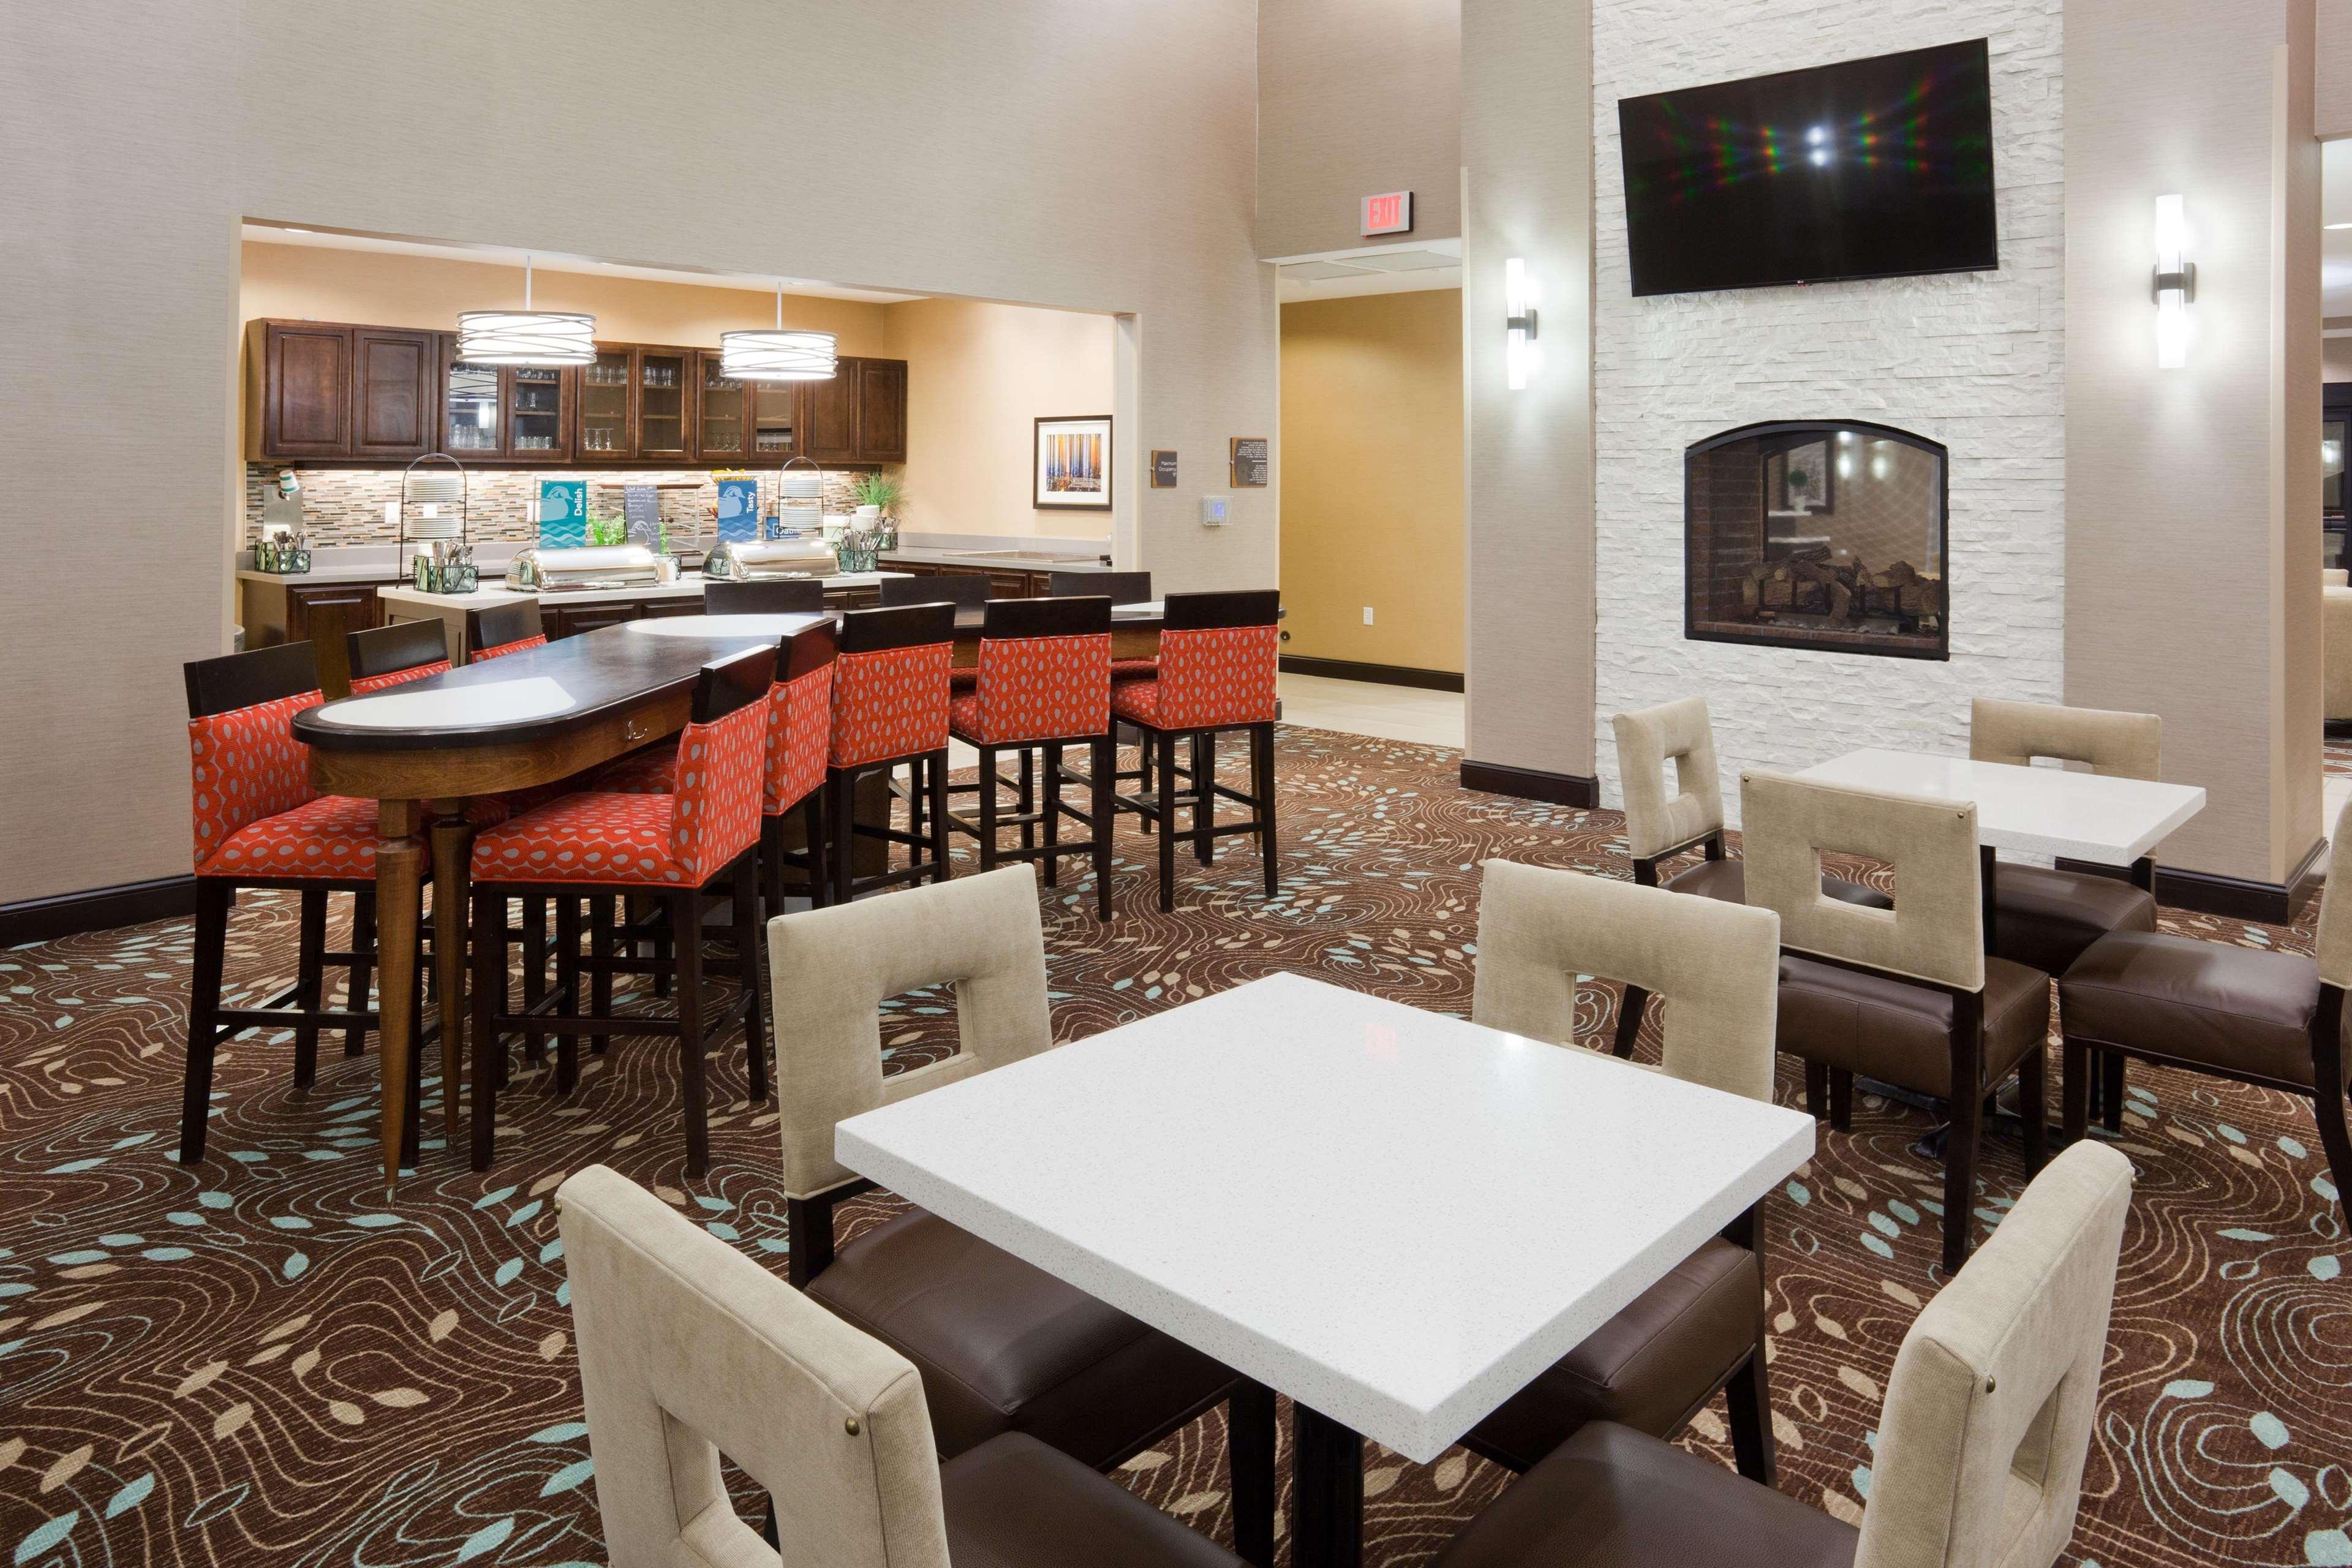 Homewood Suites by Hilton Davenport image 7